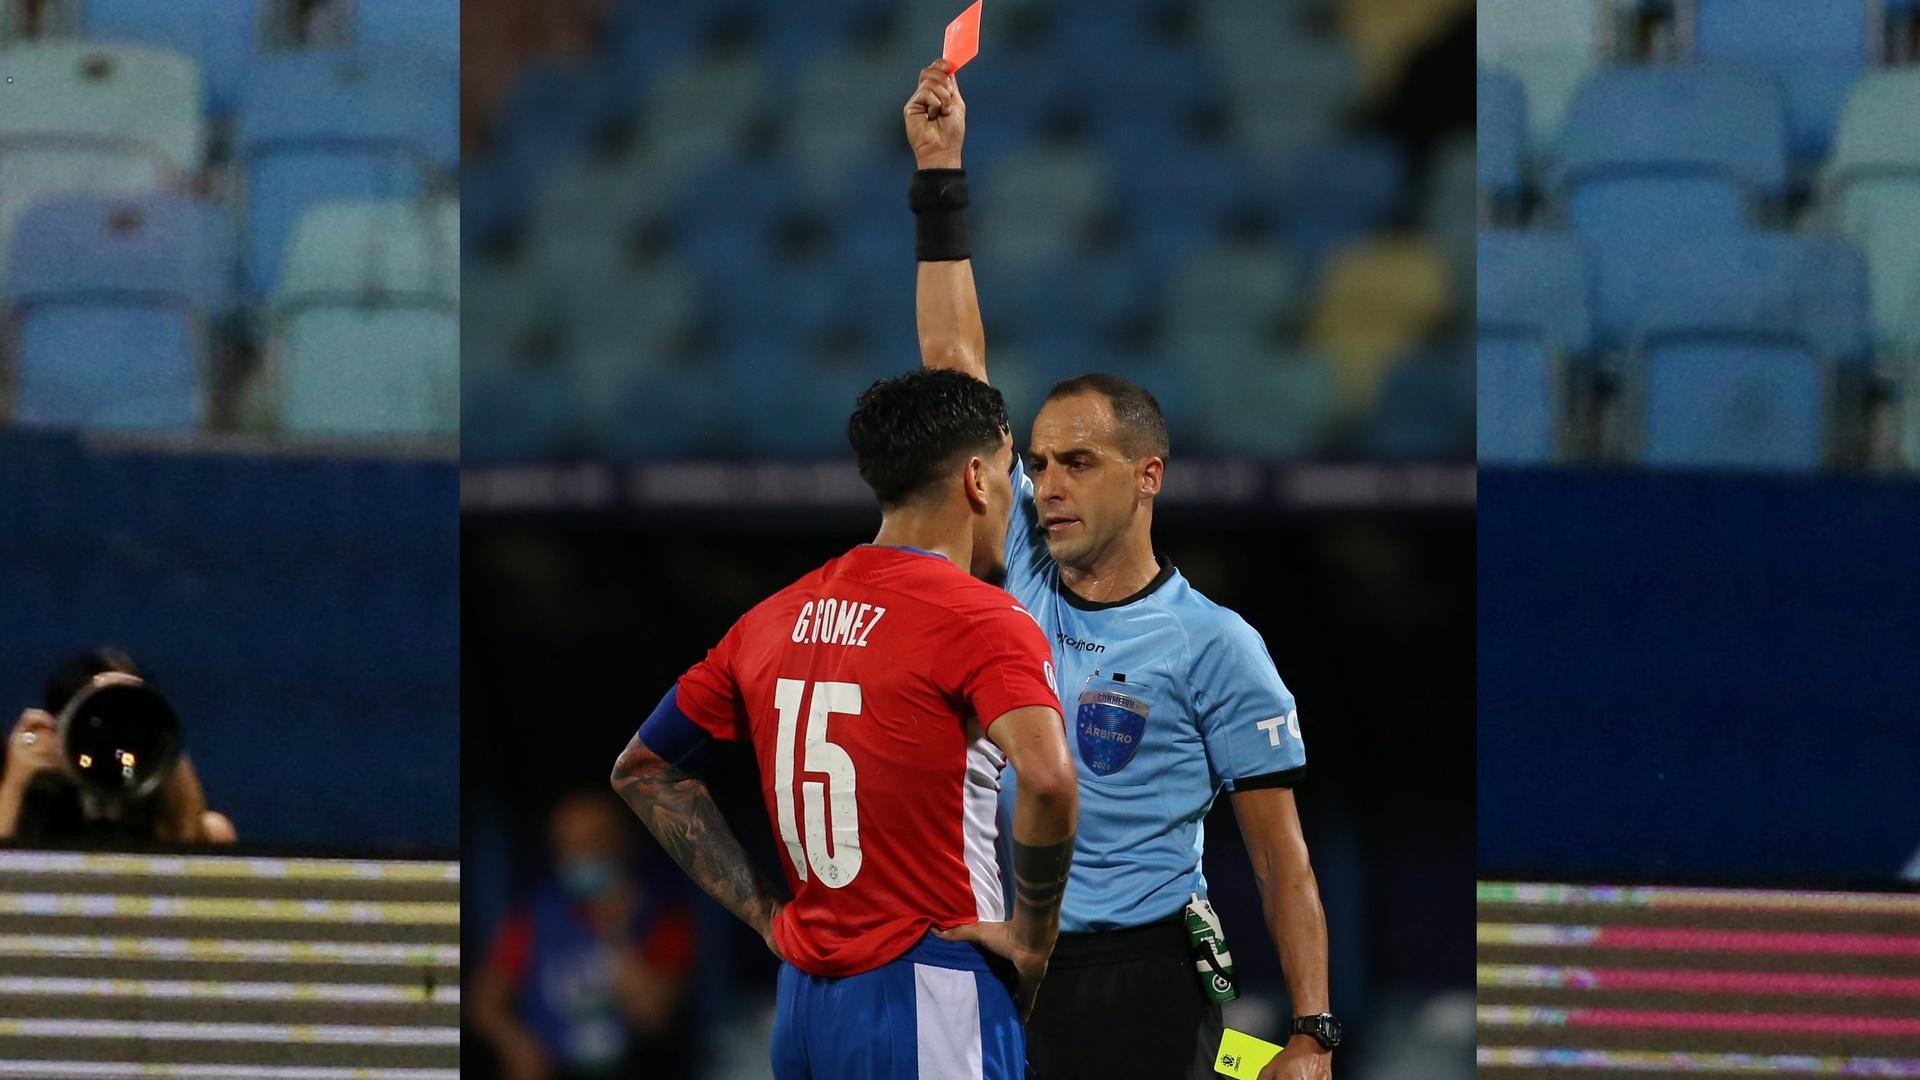 بالفيديو.. لاعب يتهجم على الحكم بعد قرار مثير للجدل في كوبا أمريكا